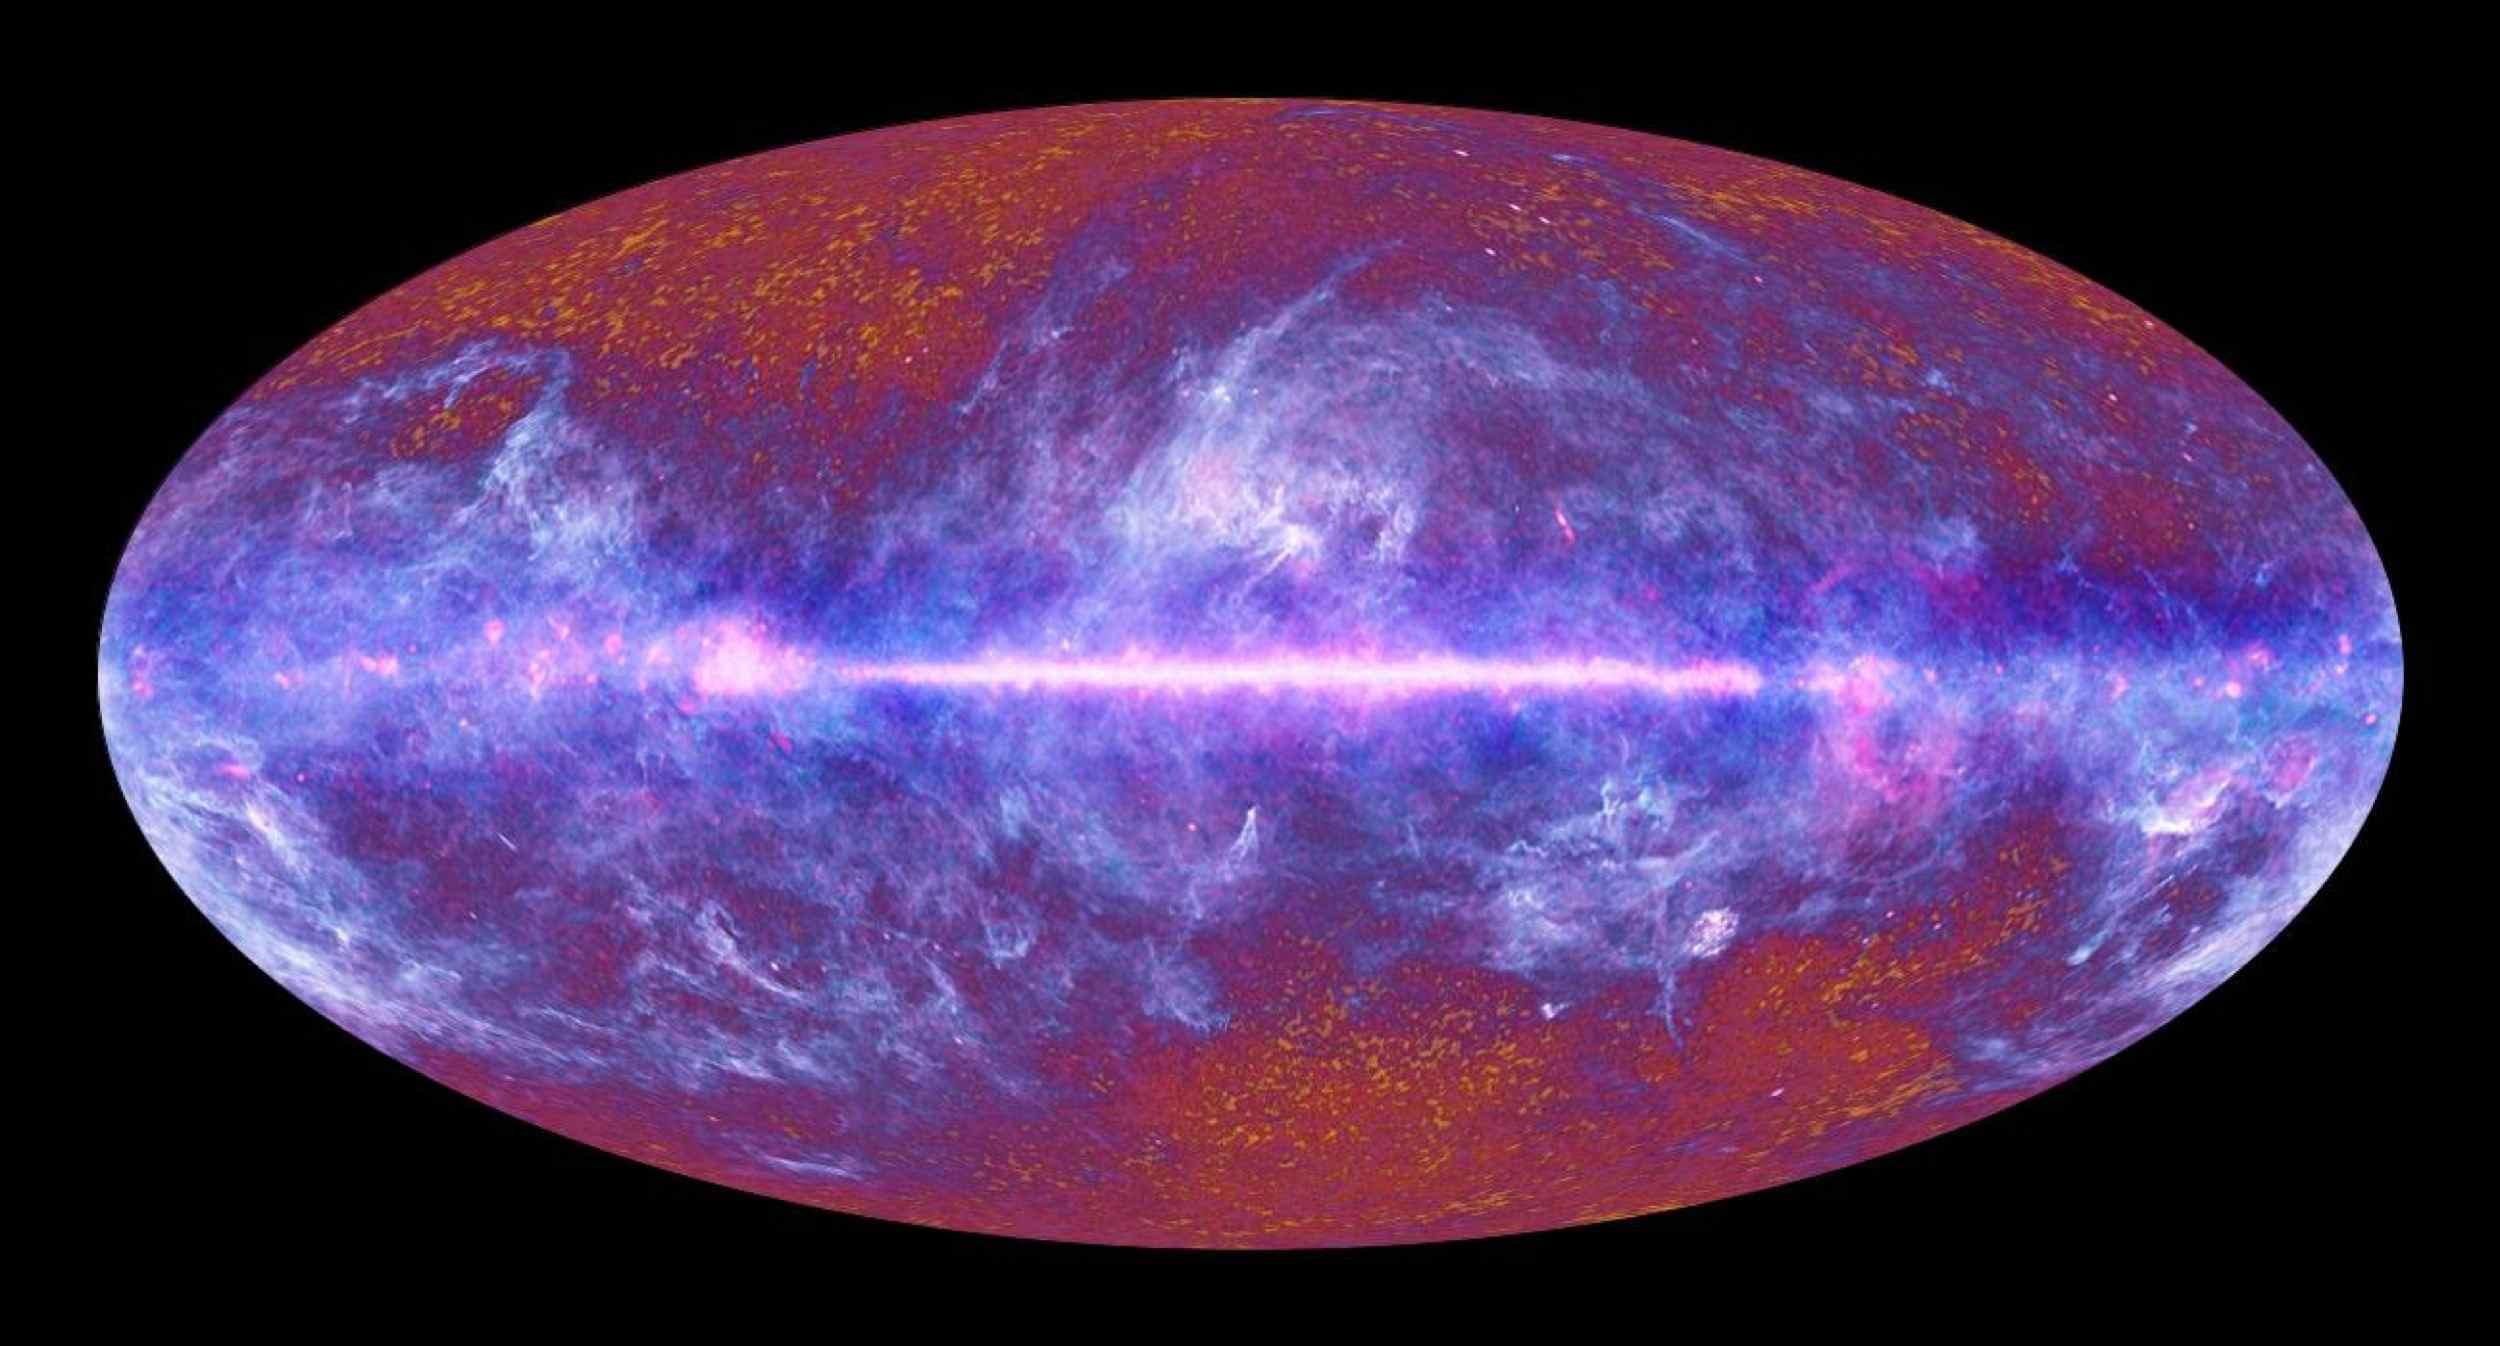 Vue d'artiste du fond diffus cosmologique, réalisée à partir des relevés photographiques du satellite Planck, 2010